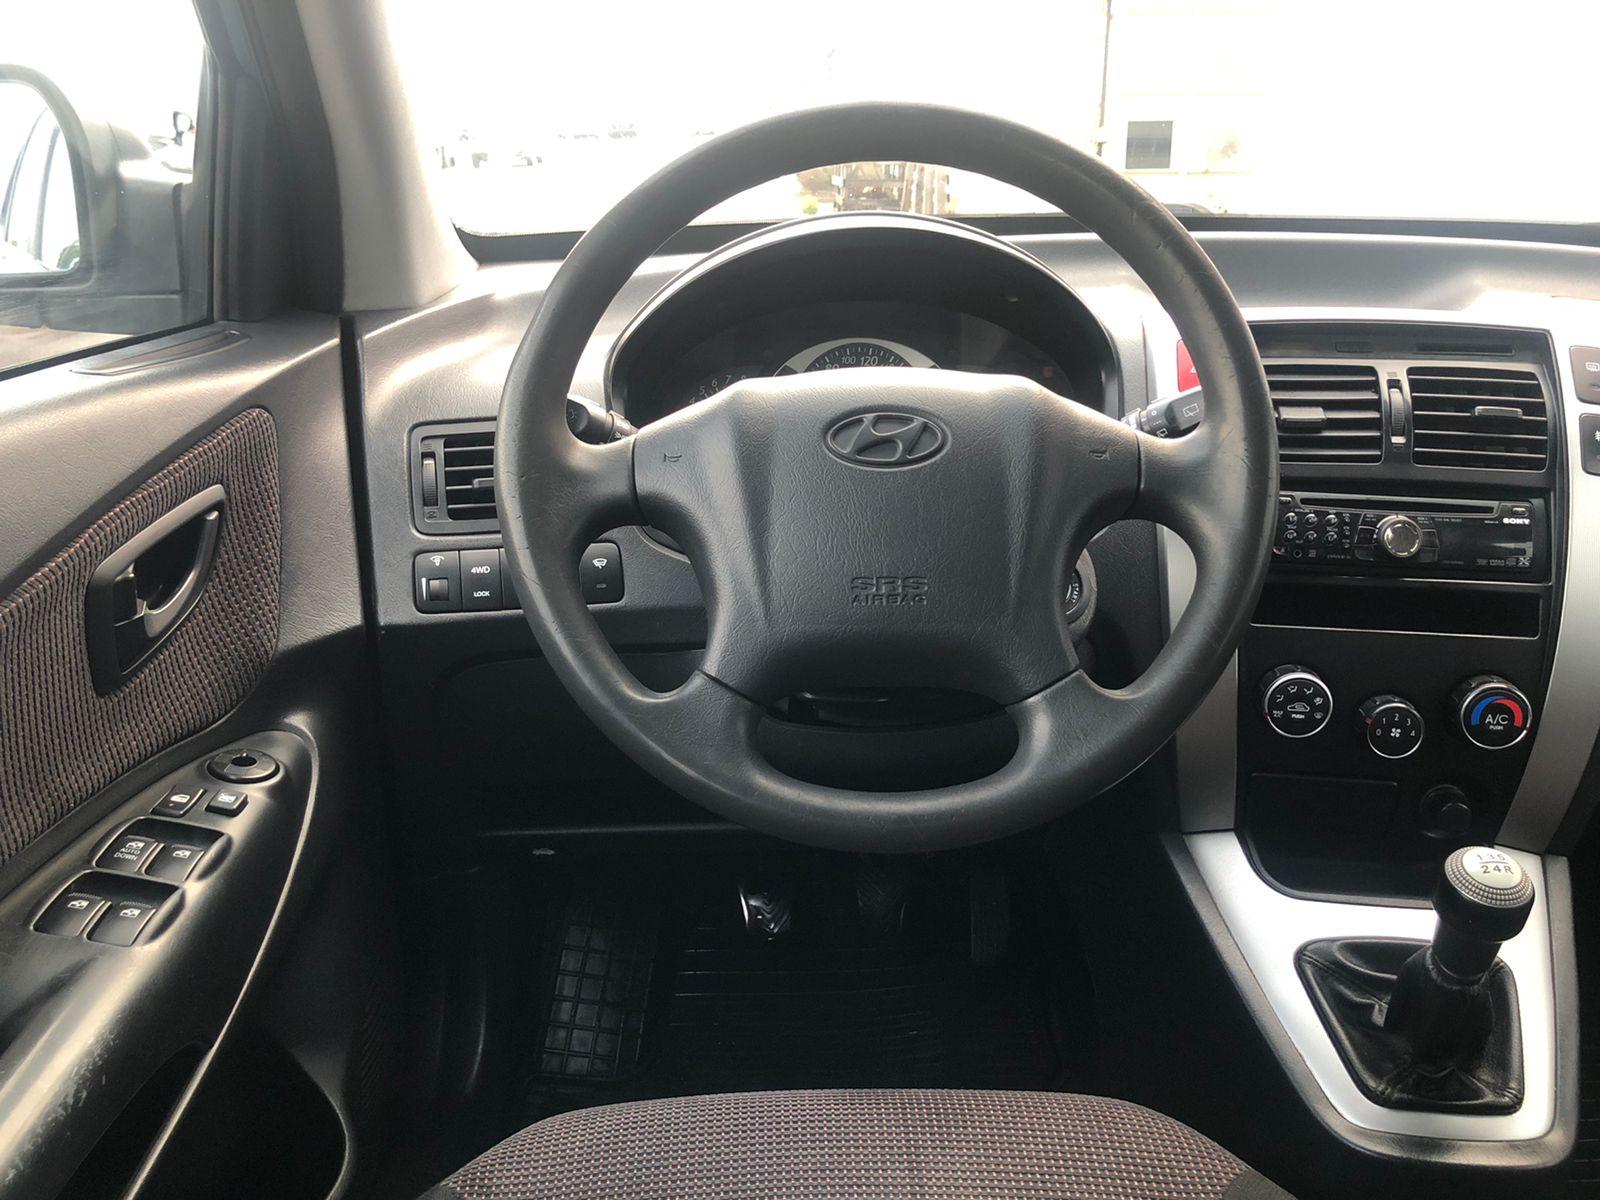 Hyundai Tucson Внедорожник (2008г.)